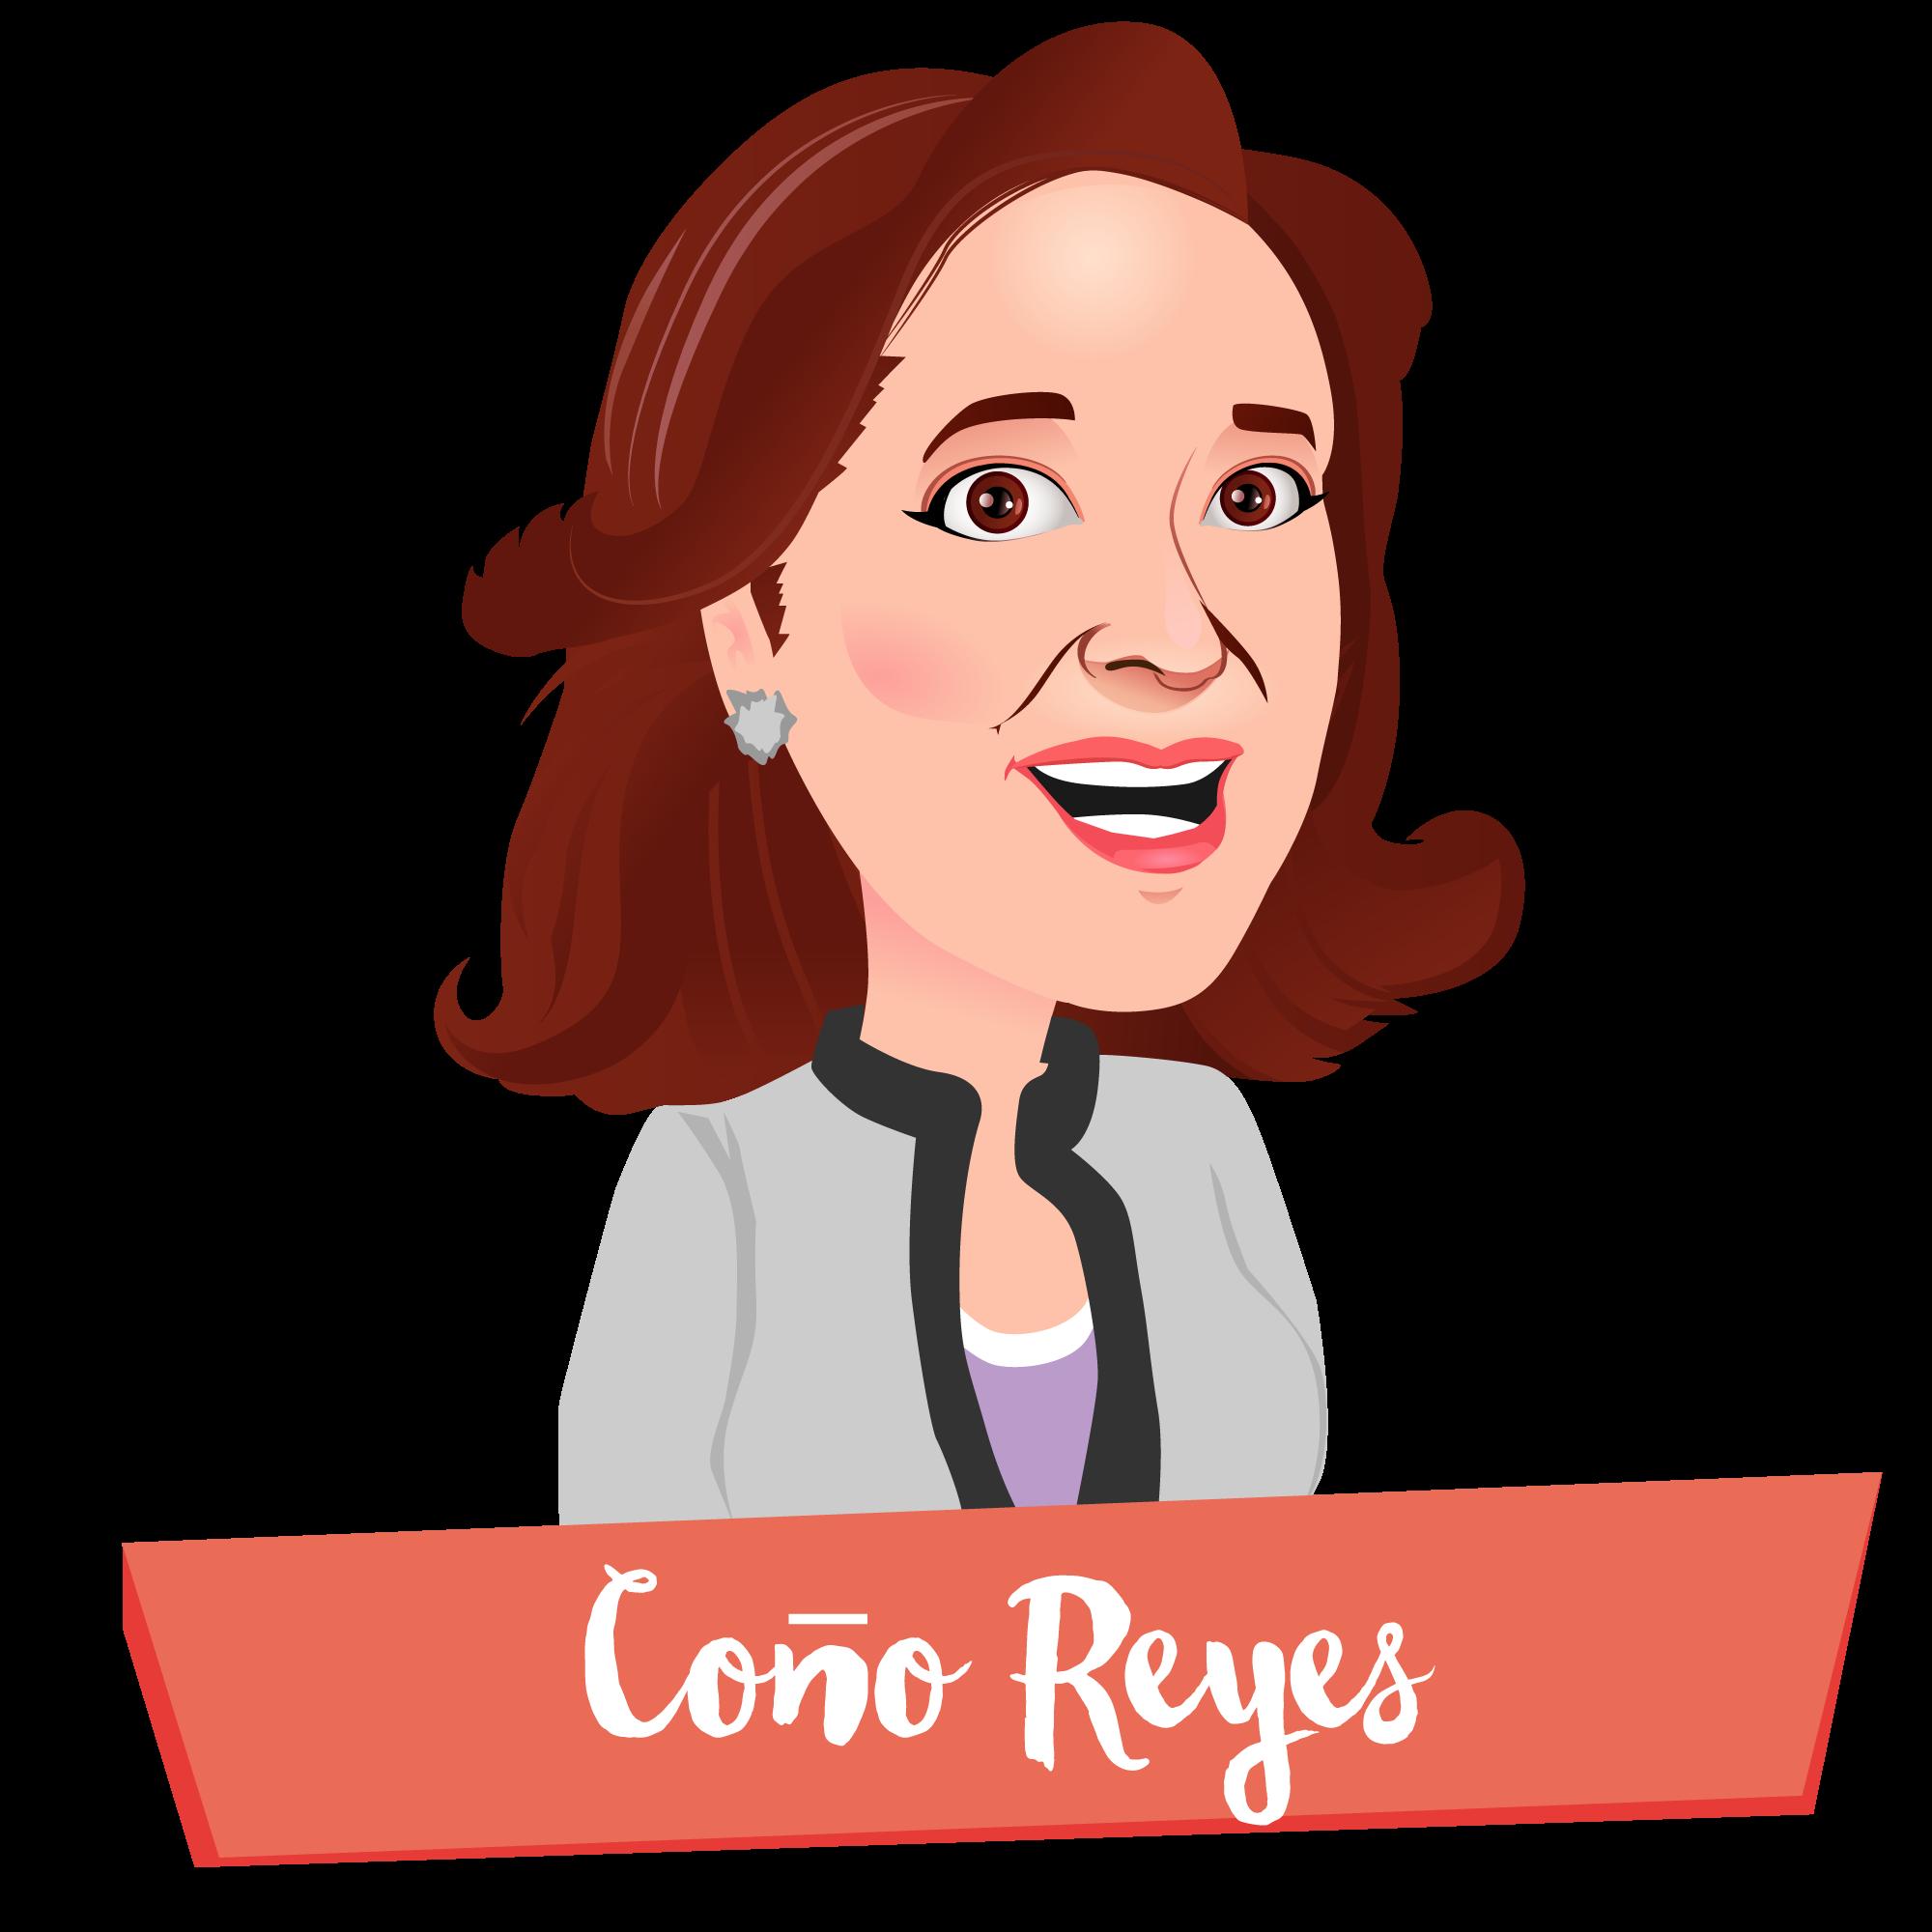 10 Uri ng Empleyado_Conyo Reyes